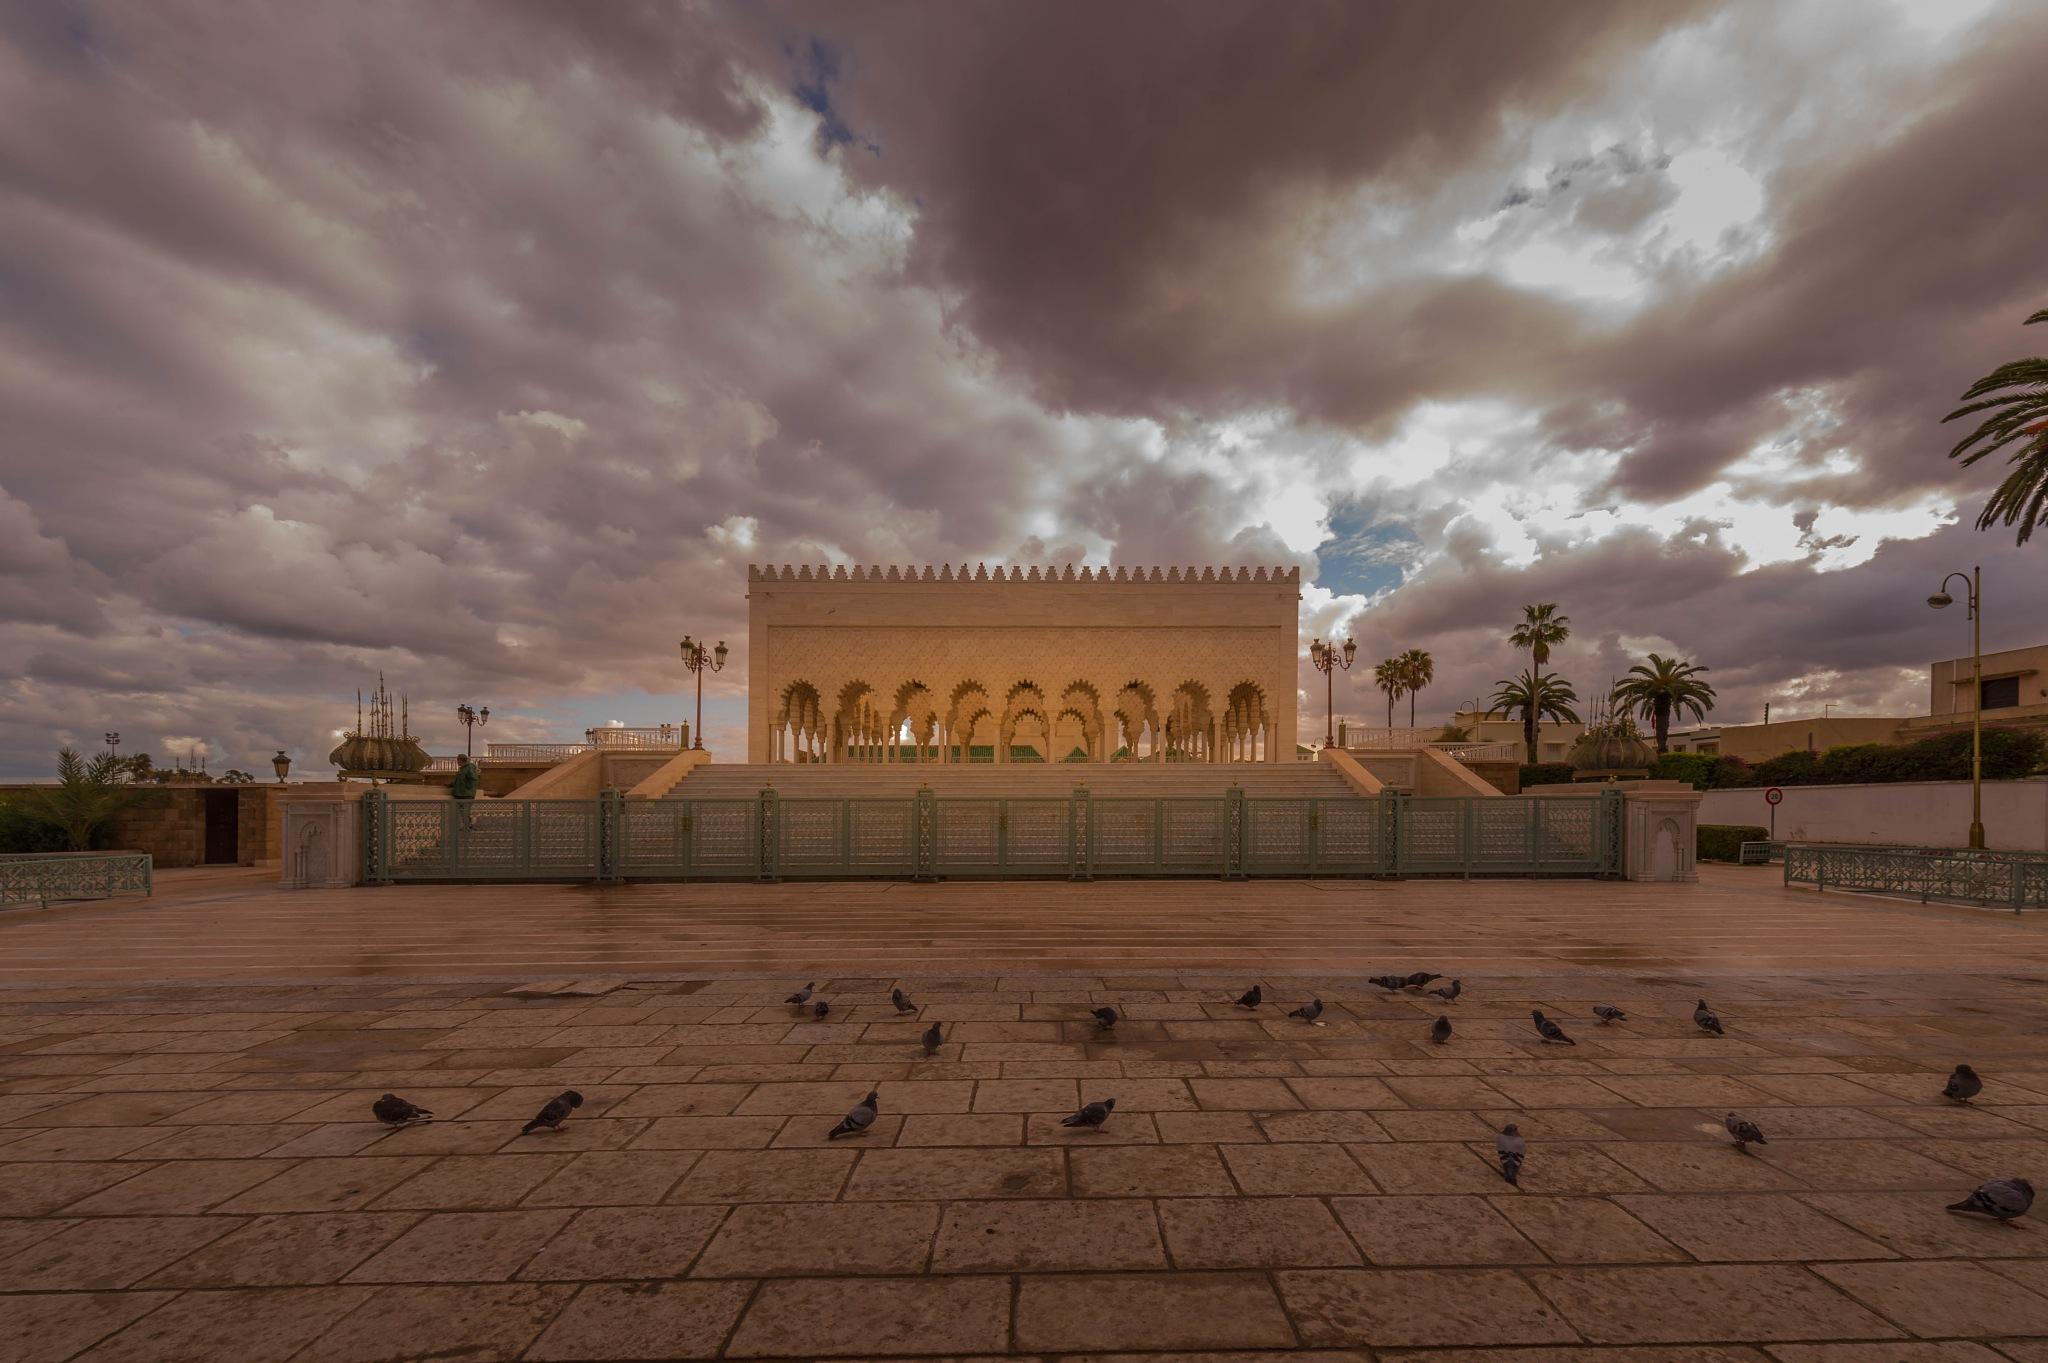 MAUSOLEE RABAT by MohamedBachirBennani